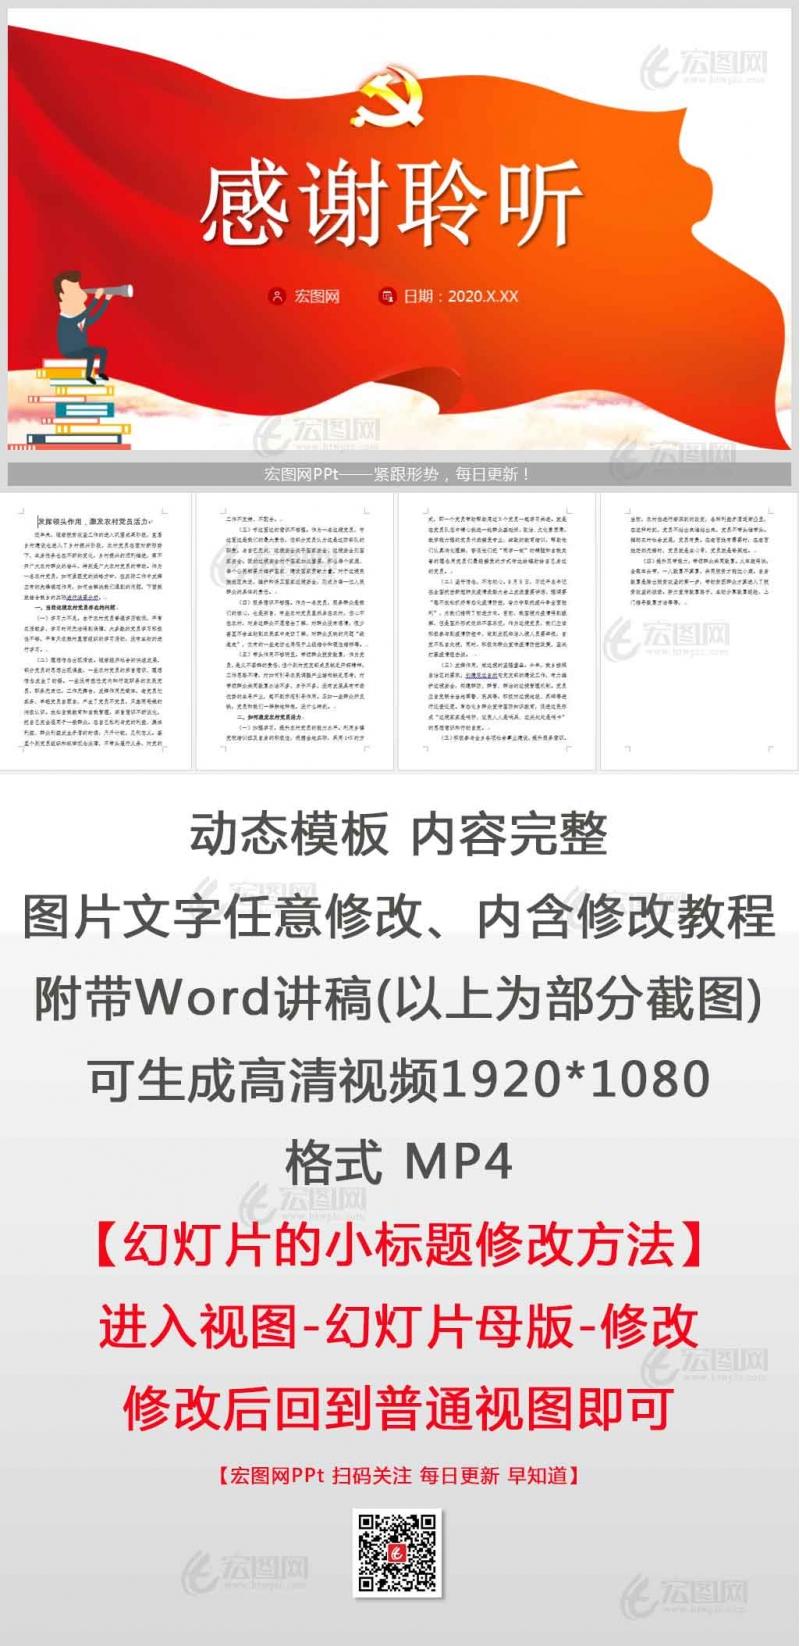 发挥领头作用 激发农村党员队伍活力微党课PPT模板及演讲稿